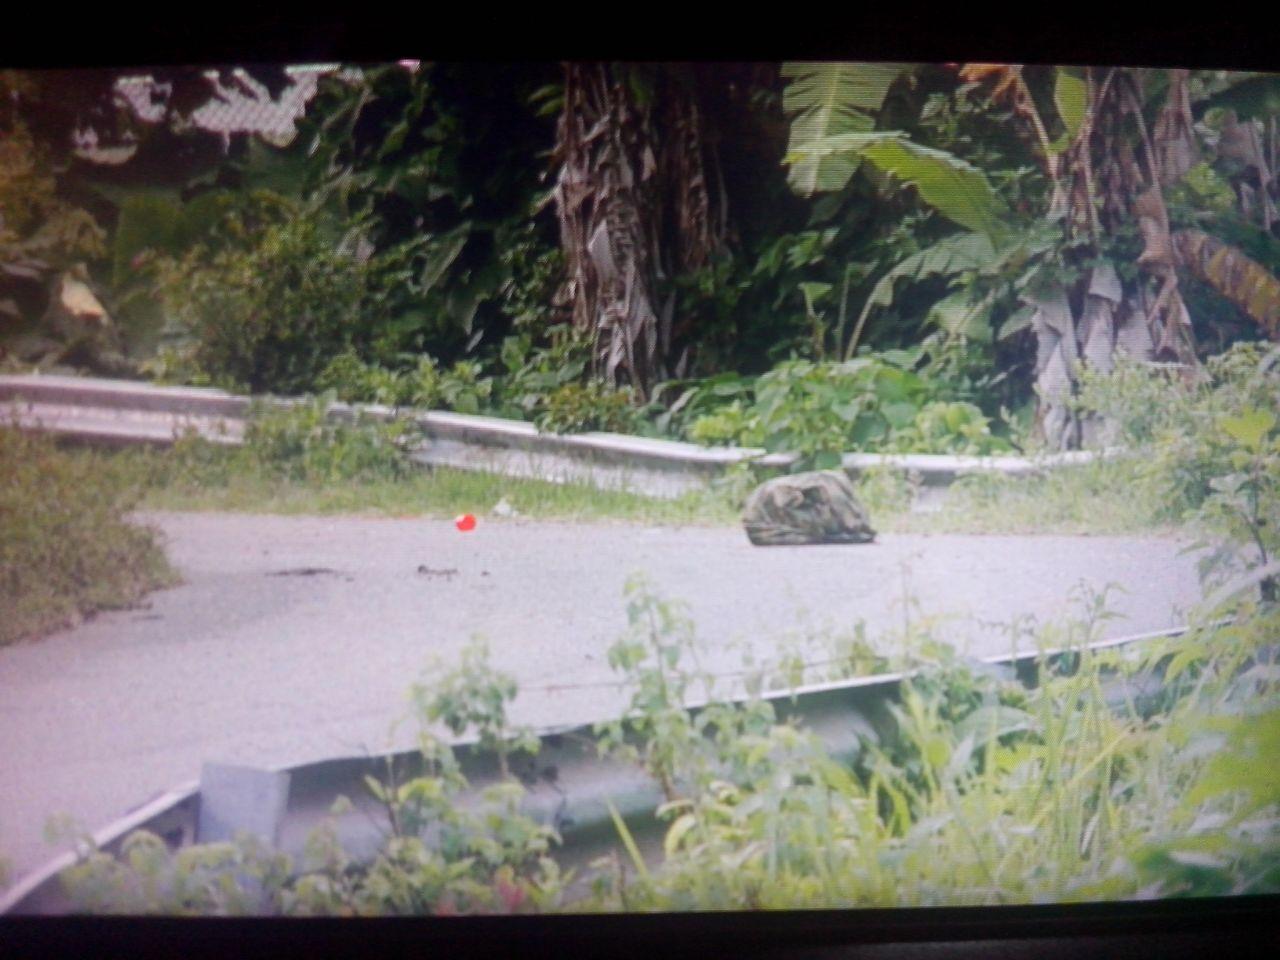 Desactivan explosivos en carretera en zona rural de Palmira